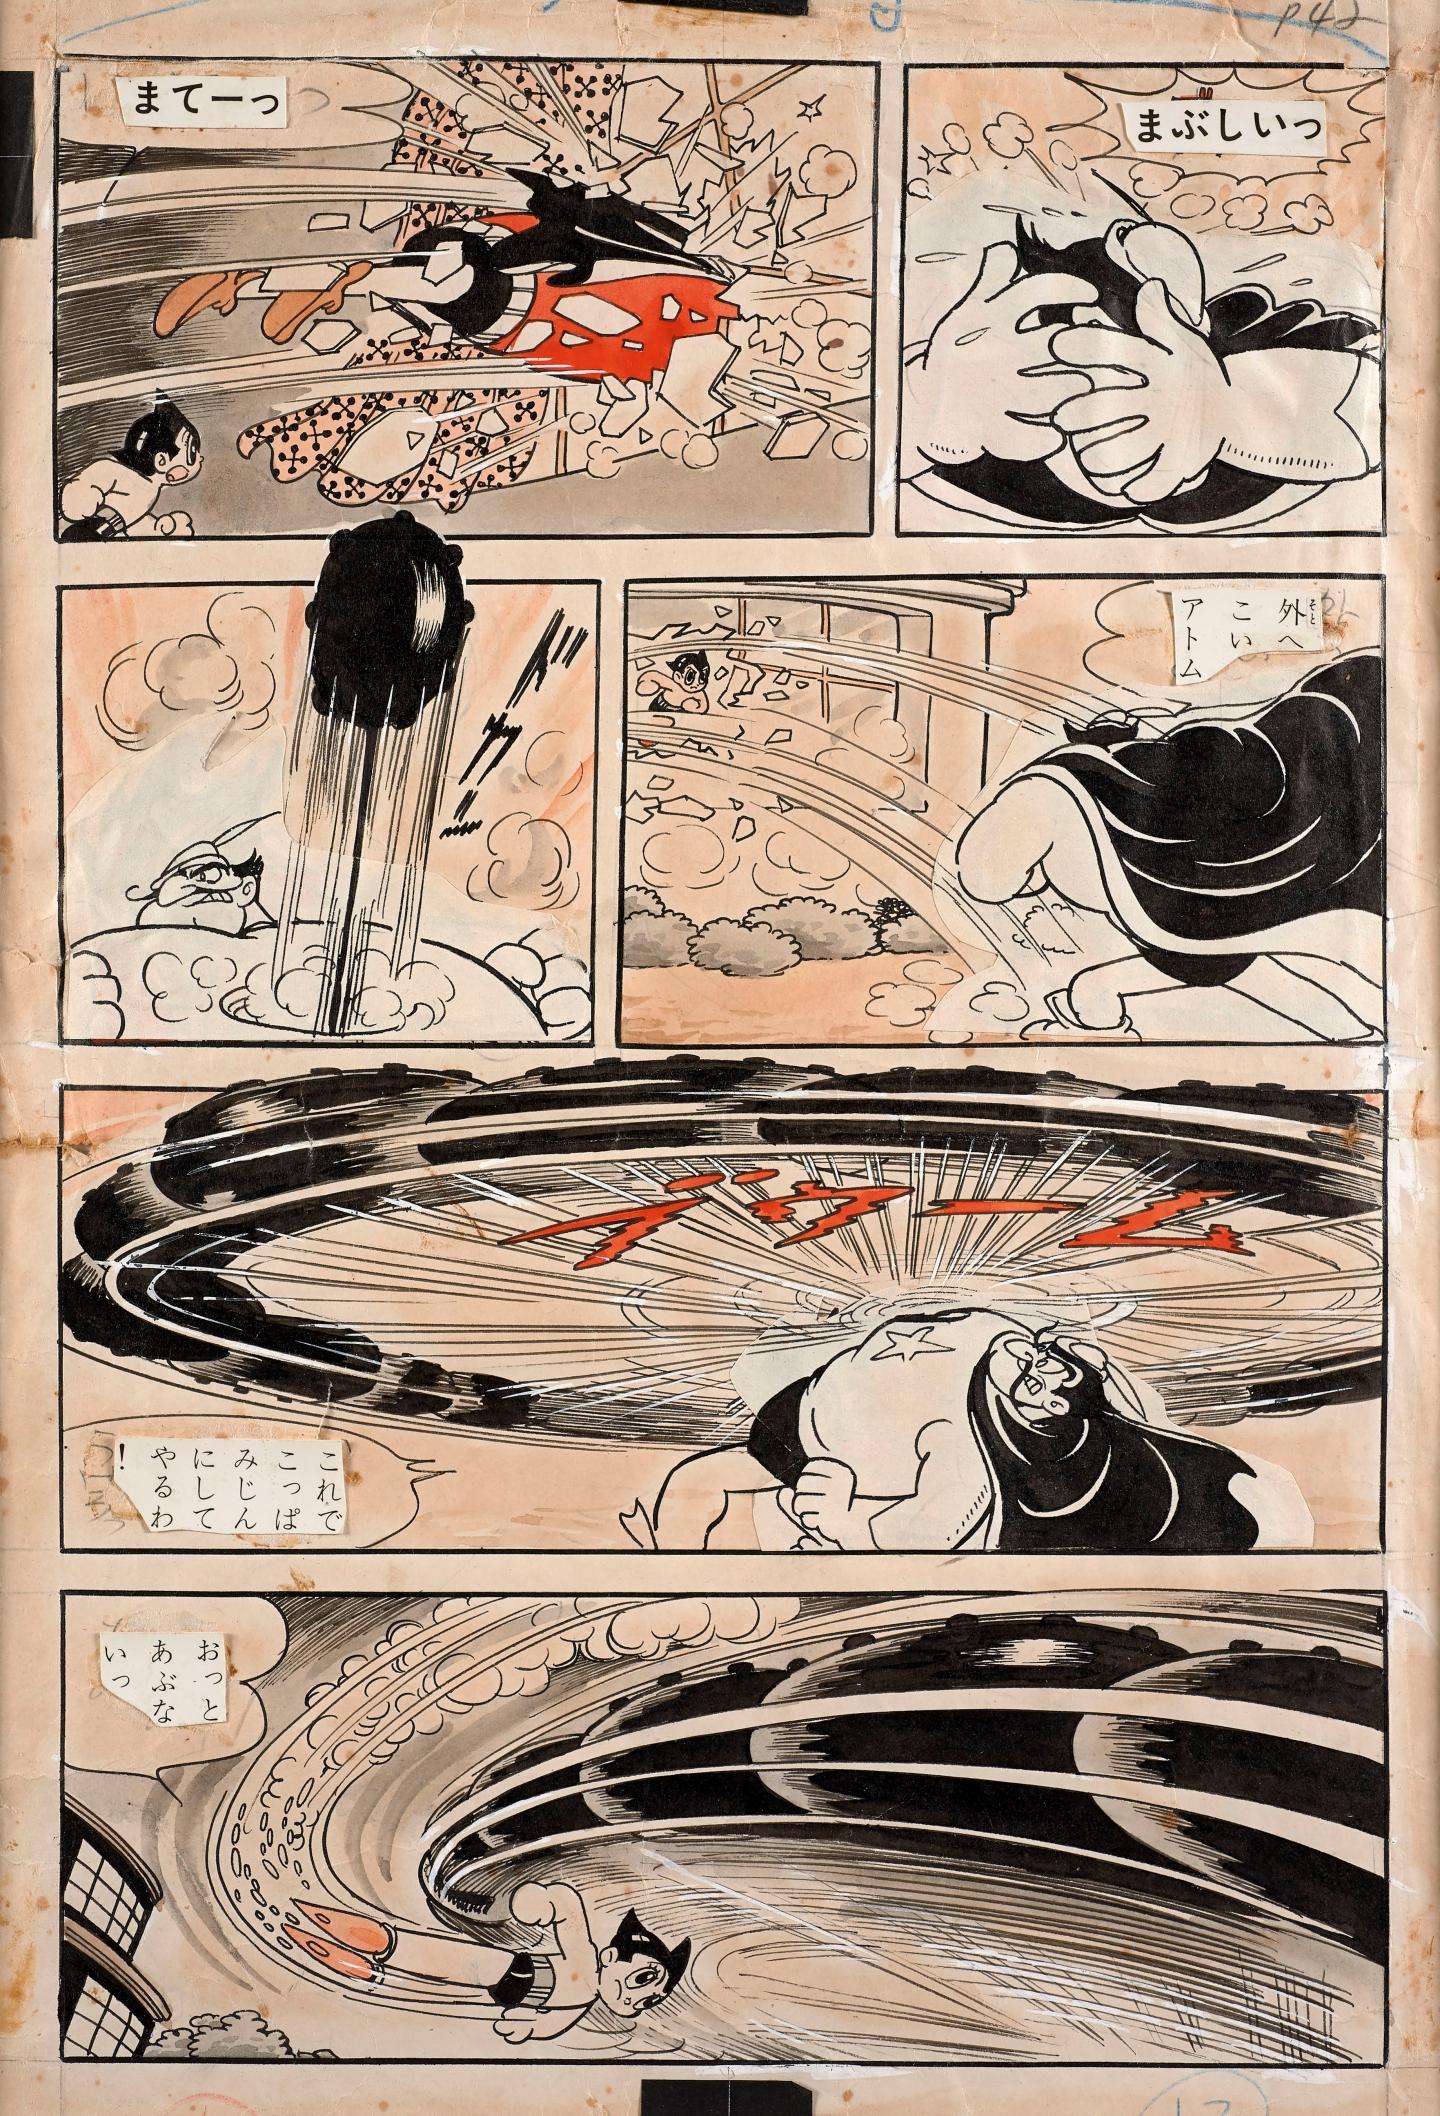 Osamu Tezuka (1928-1989) - Astro Boy, encre de Chine et aquarelle sur papier pour une planche publiée en 1956-1957 dans le magazine Shônen - Estimation : 40 000-60 000 €